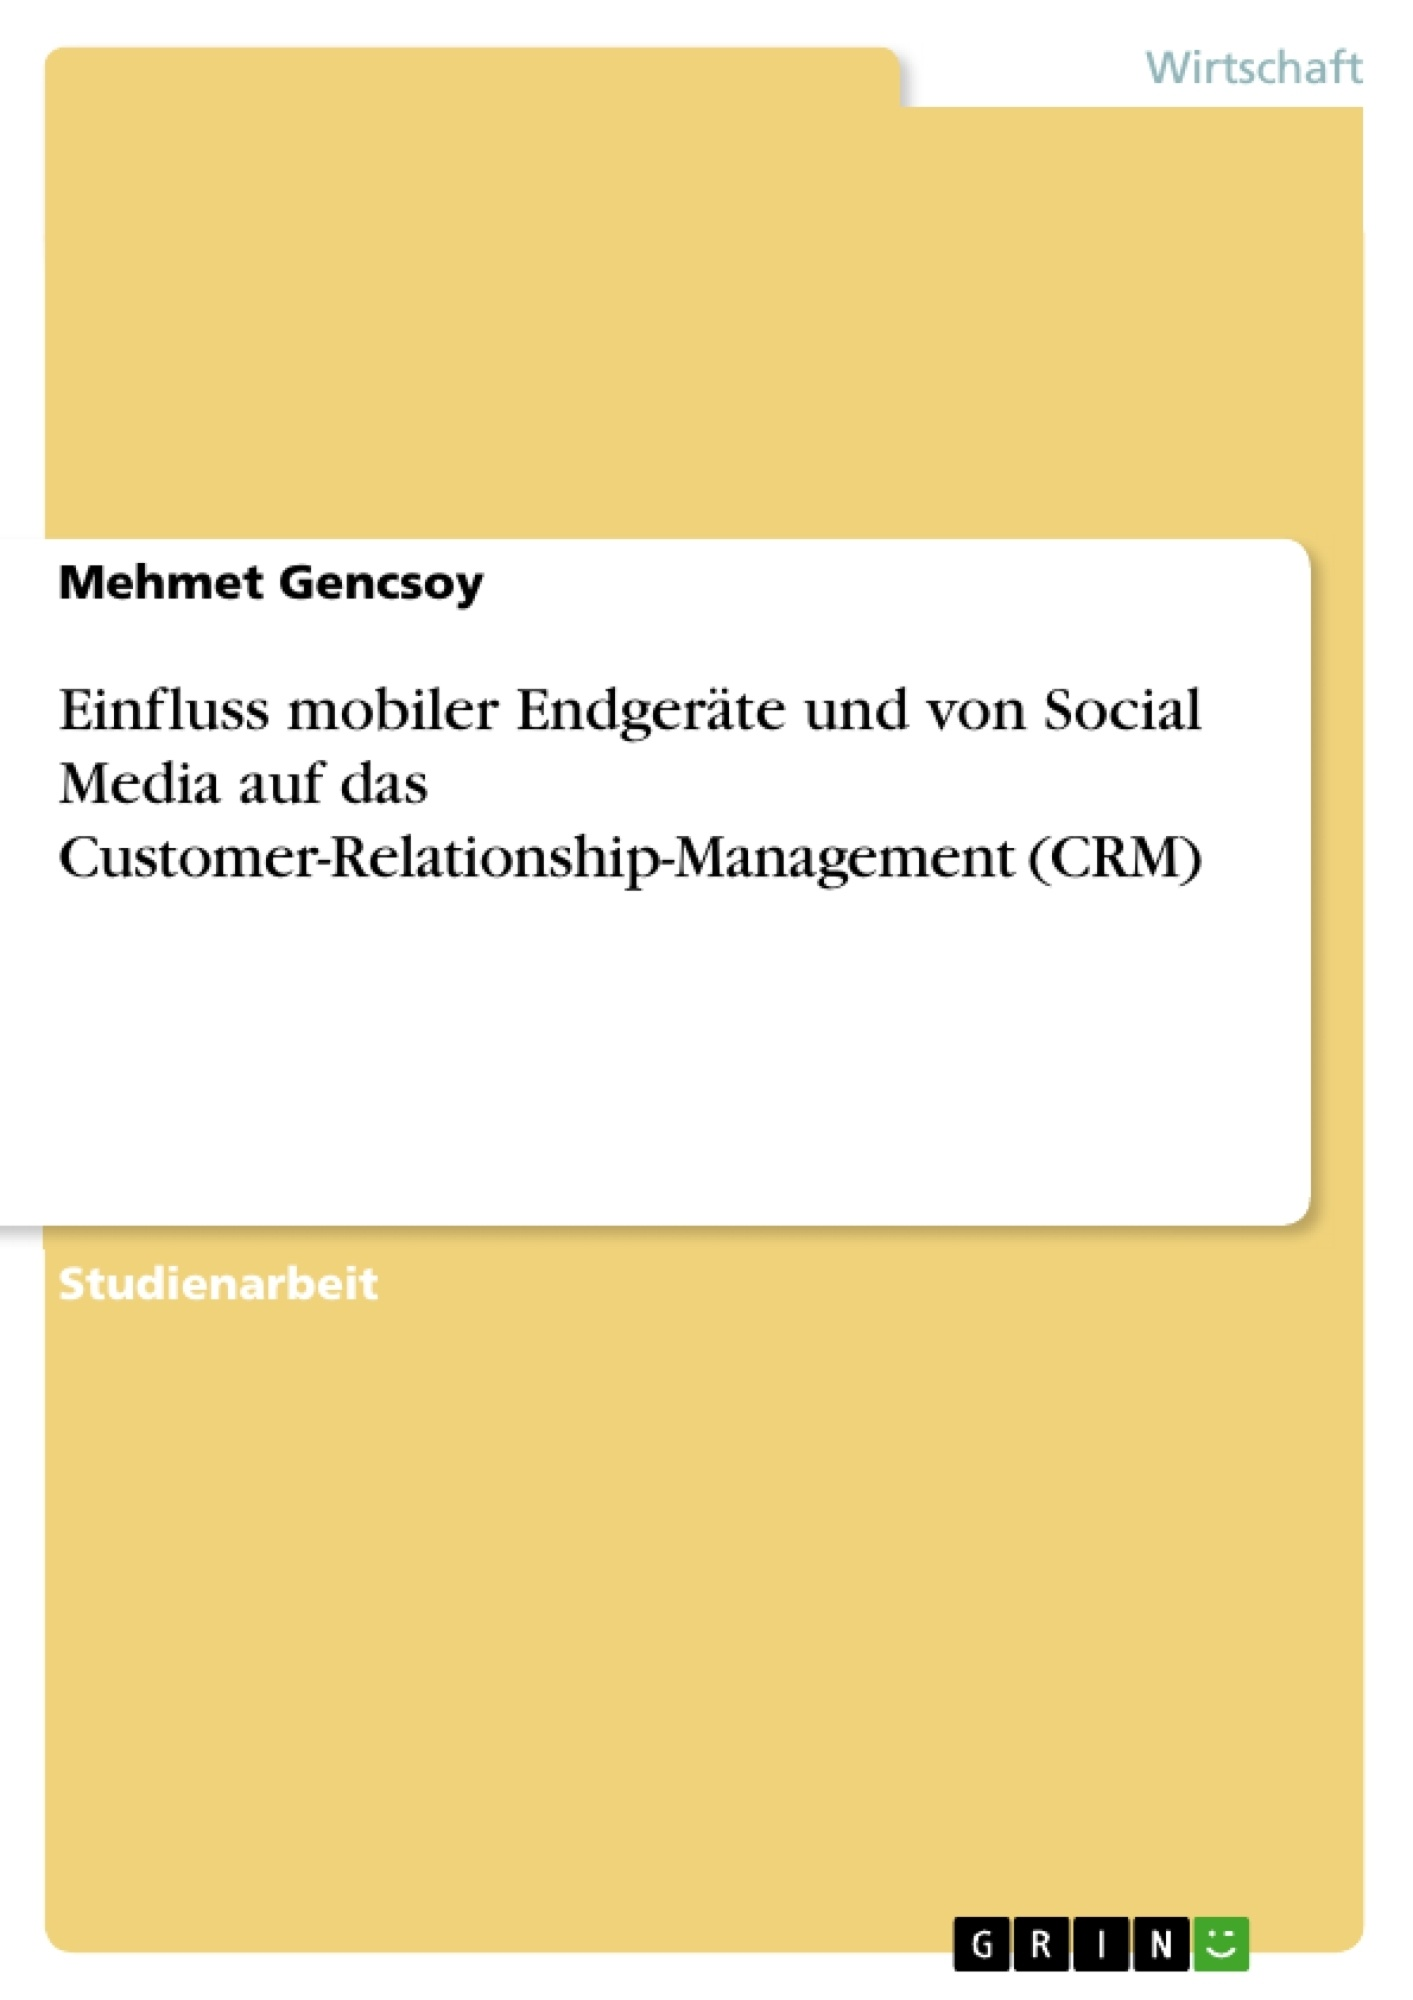 Titel: Einfluss mobiler Endgeräte und von Social Media auf das Customer-Relationship-Management (CRM)